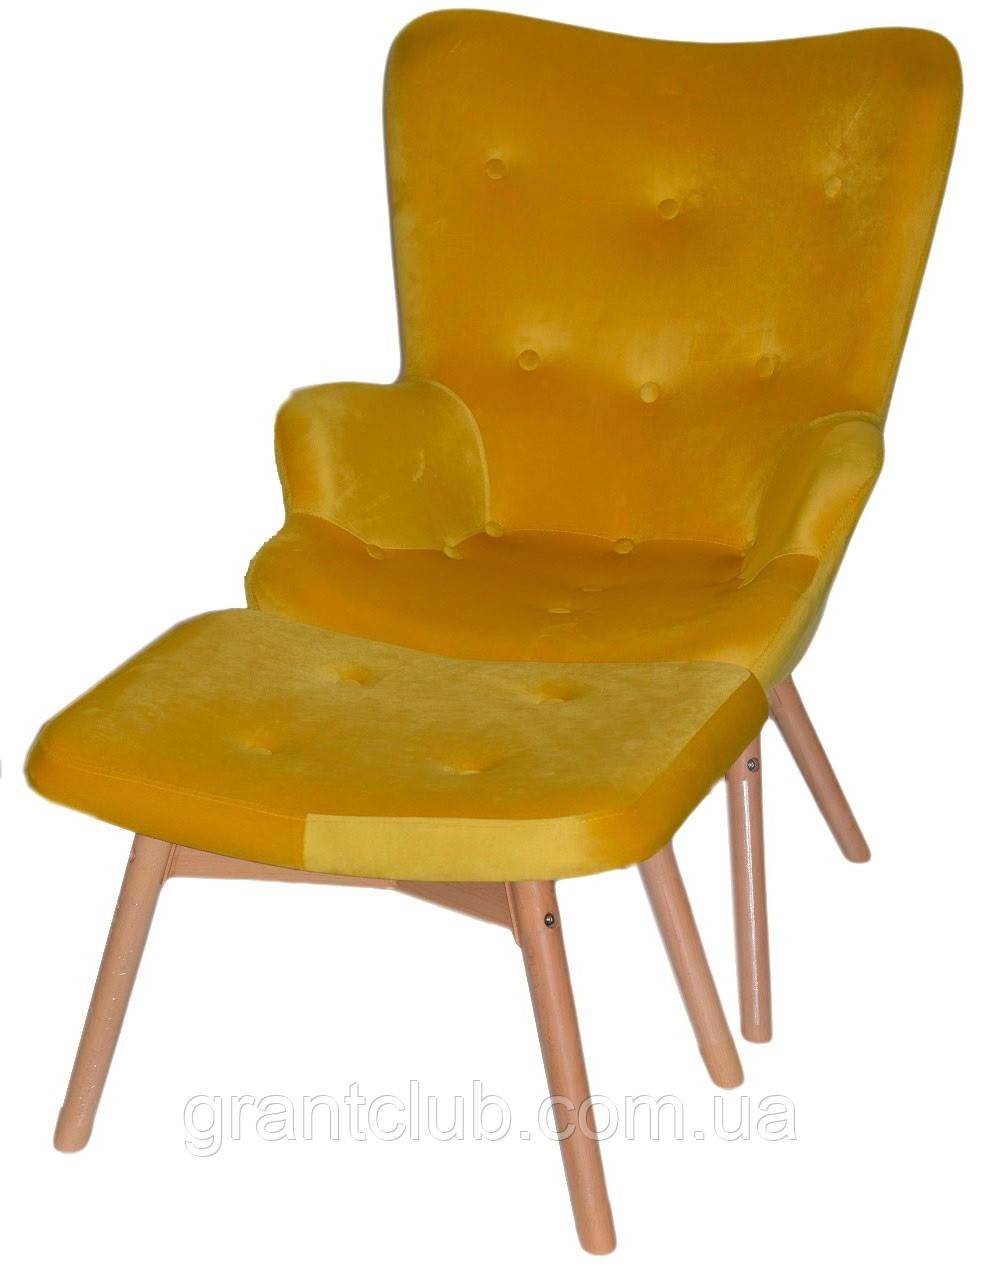 Кресло Флорино с пуфом, велюр желтый СДМ группа